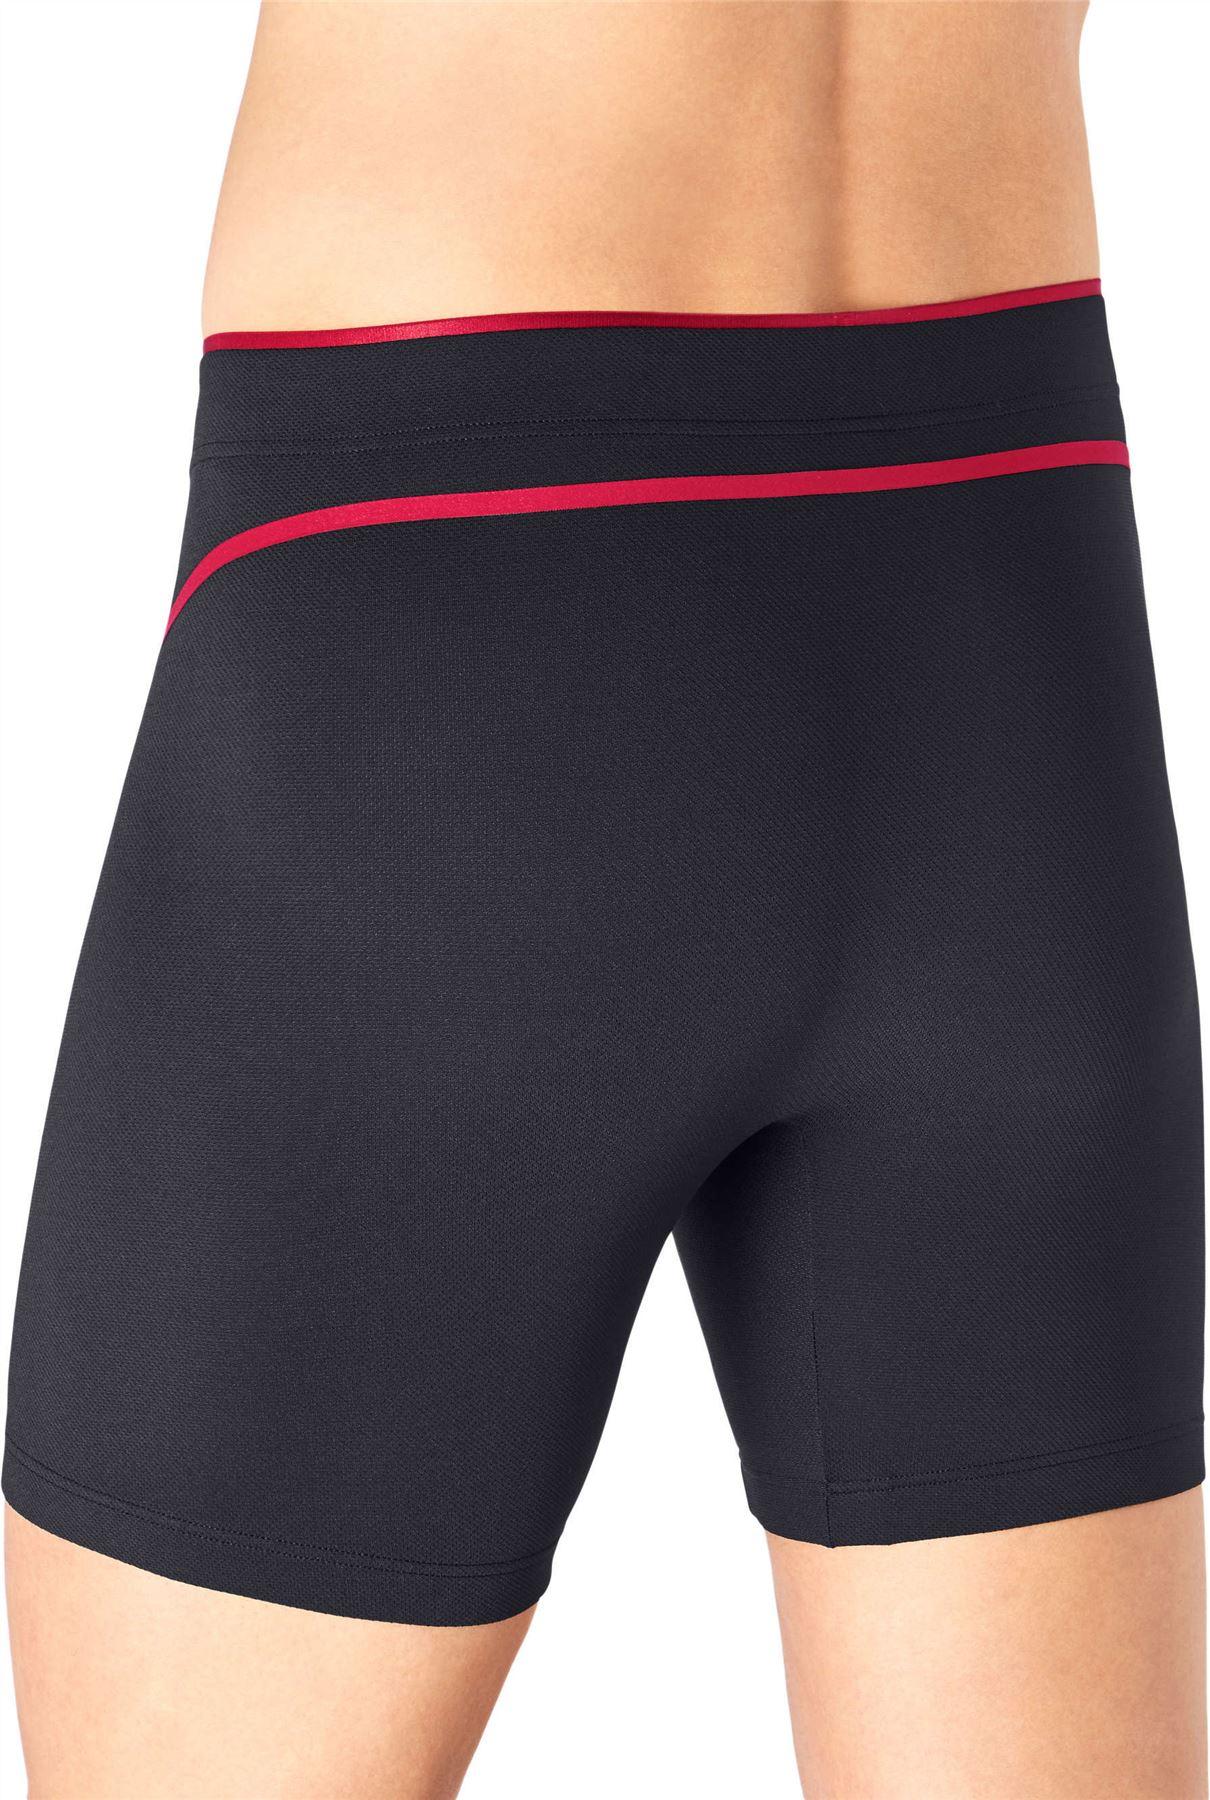 SLOGGI spostare FLEX SHORT MEN/'S Underwear CICLO lunghezza Mesh Sports BAULI Fitness